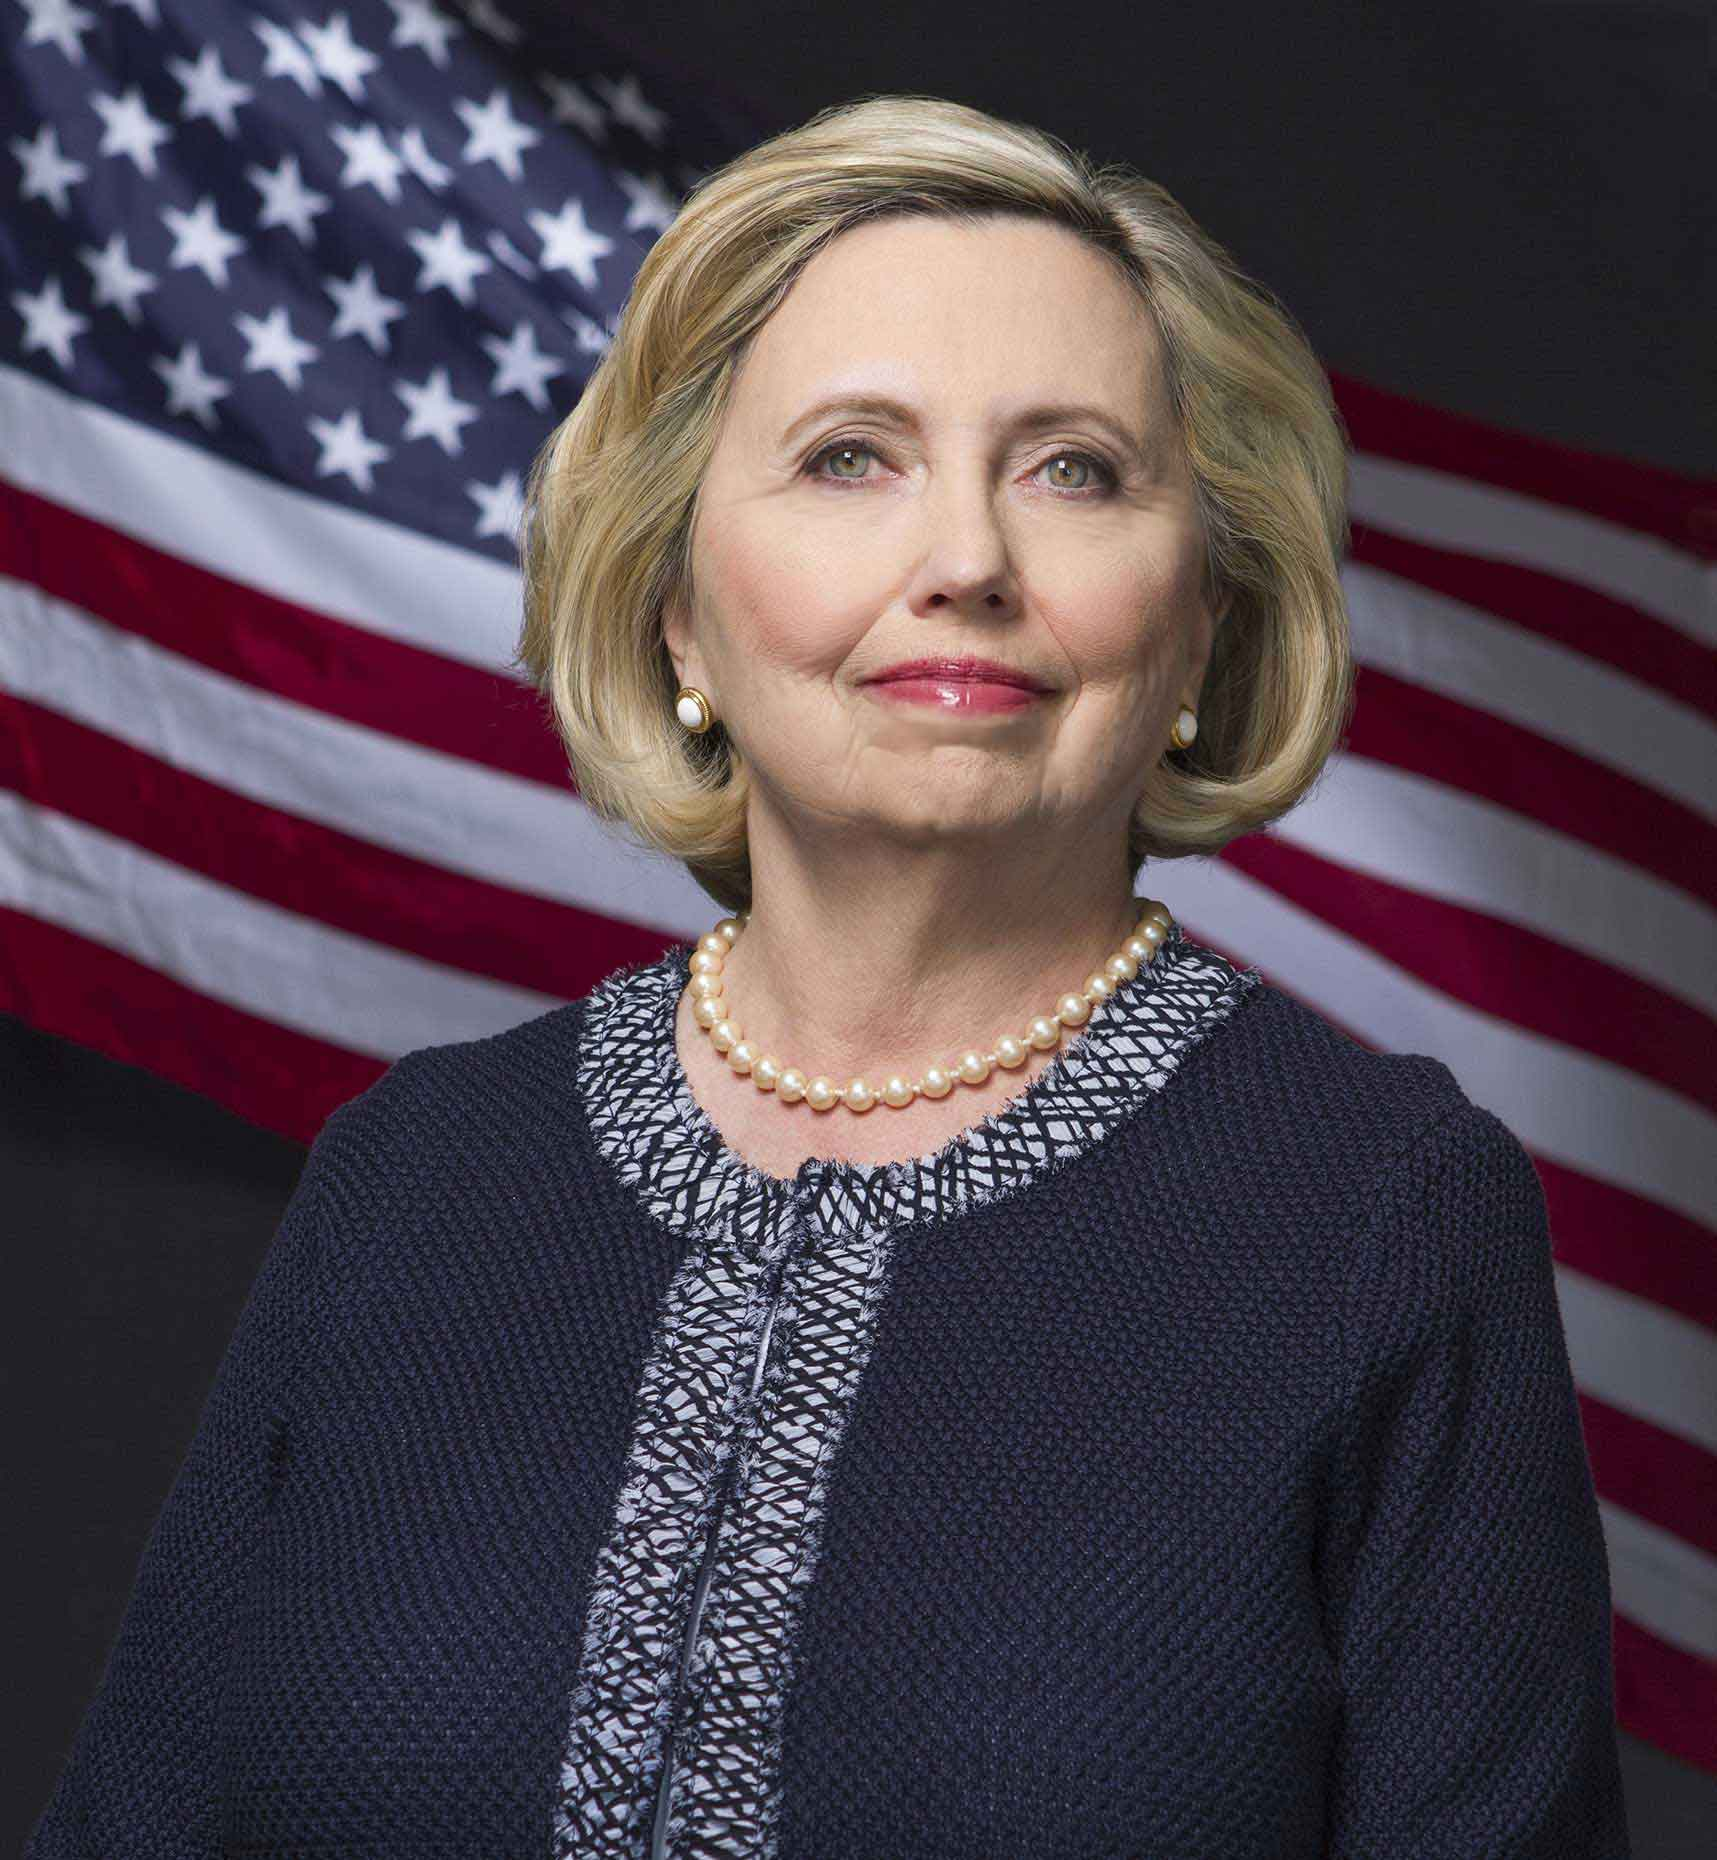 Người phụ nữ chuyên đóng giả bà Clinton kiếm bộn tiền - 3